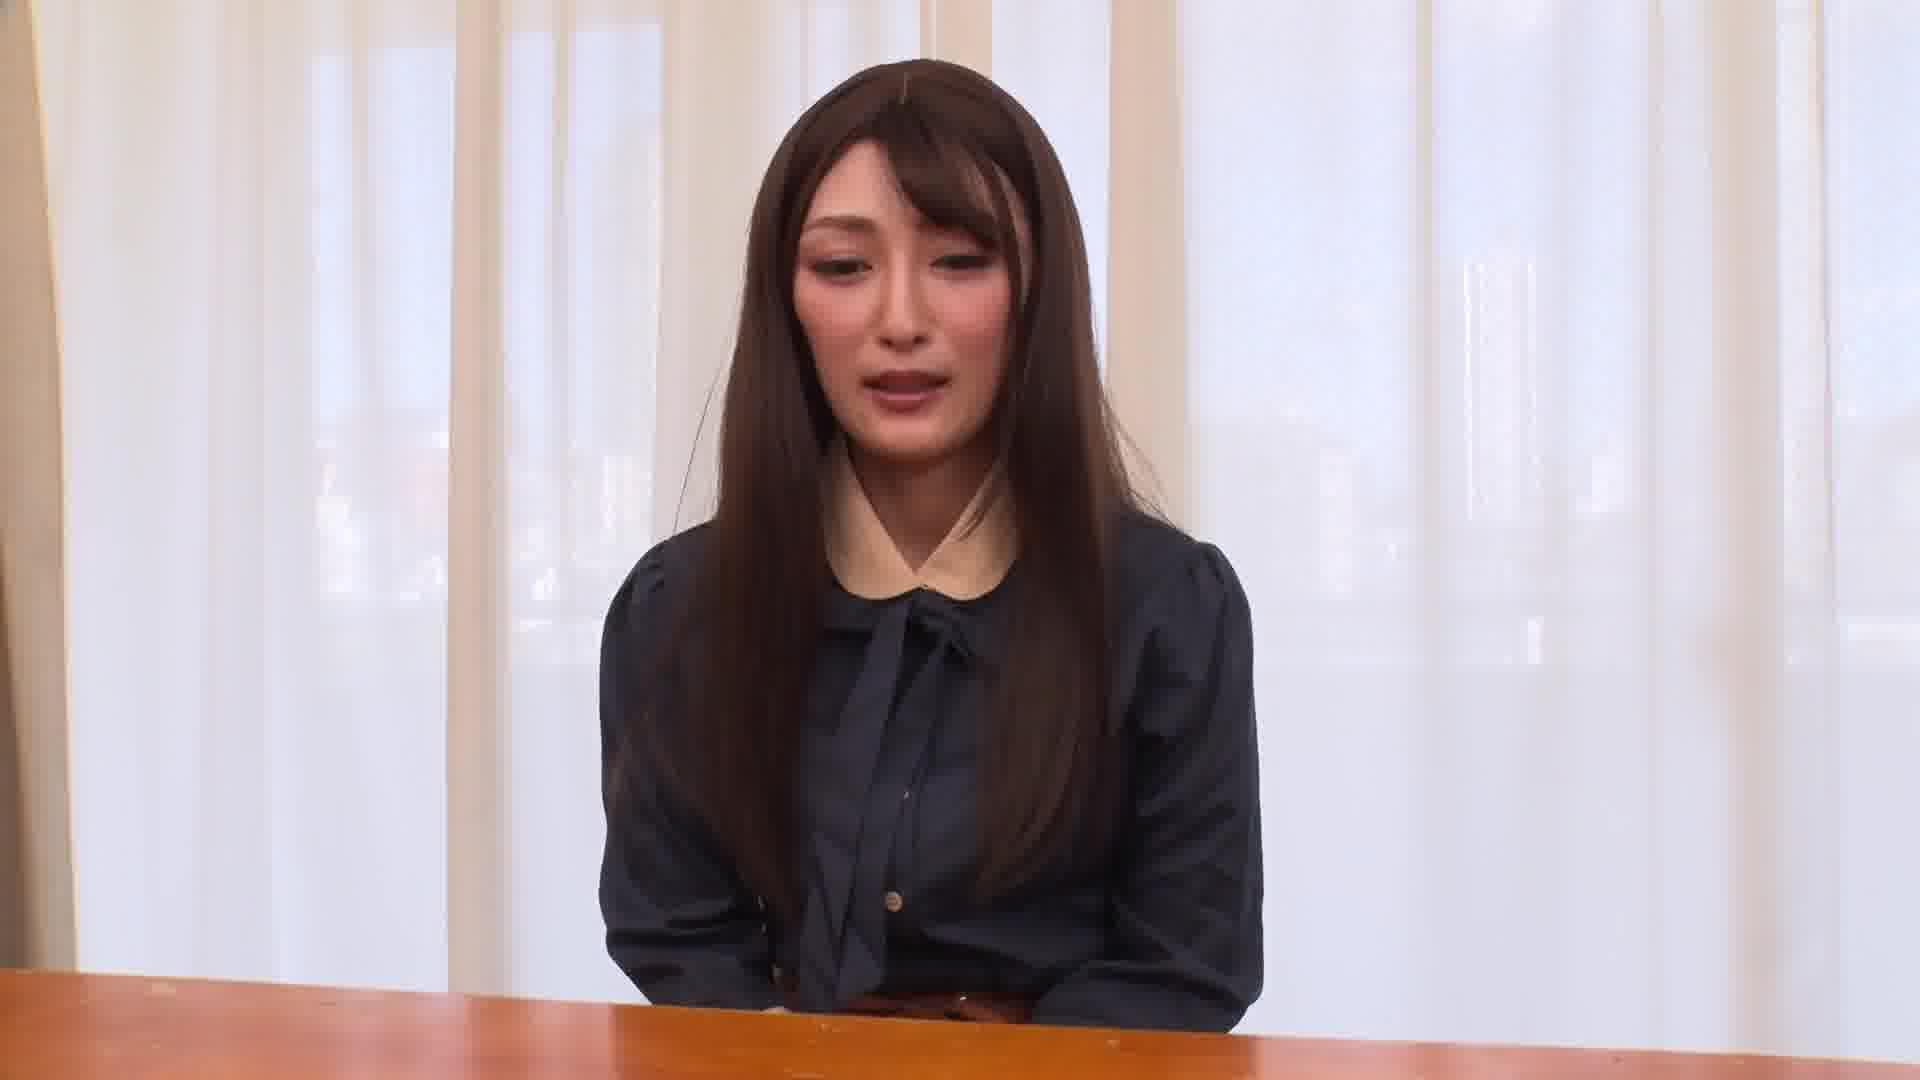 ぶちぎれ!生まれて初めてのアナル! - 工藤れいか【乱交・アナル・中出し】